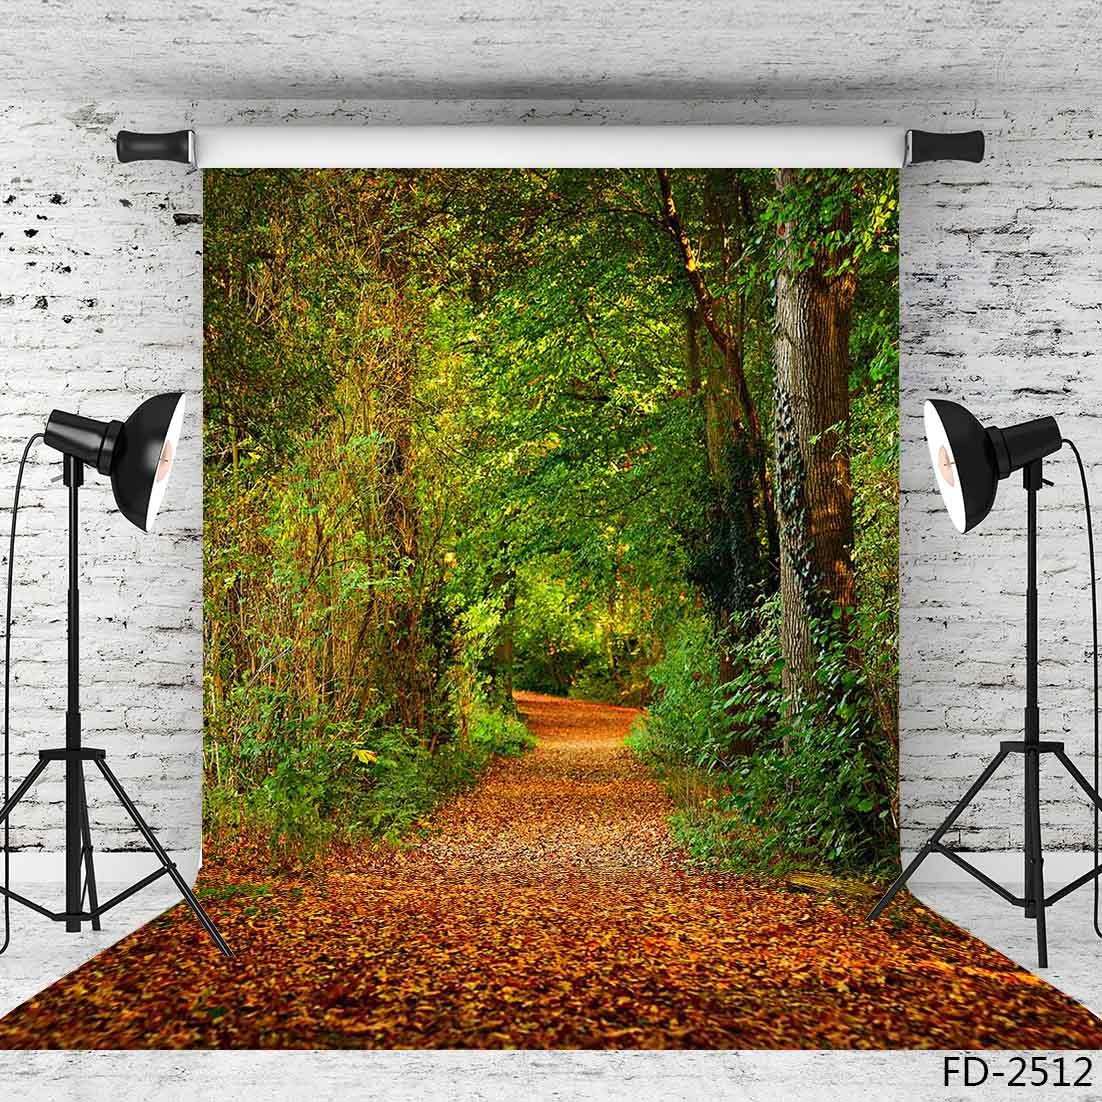 Fondo Fotográfico De La Boda Online | Fondo Fotográfico De La Boda Online  en venta en es.dhgate.com